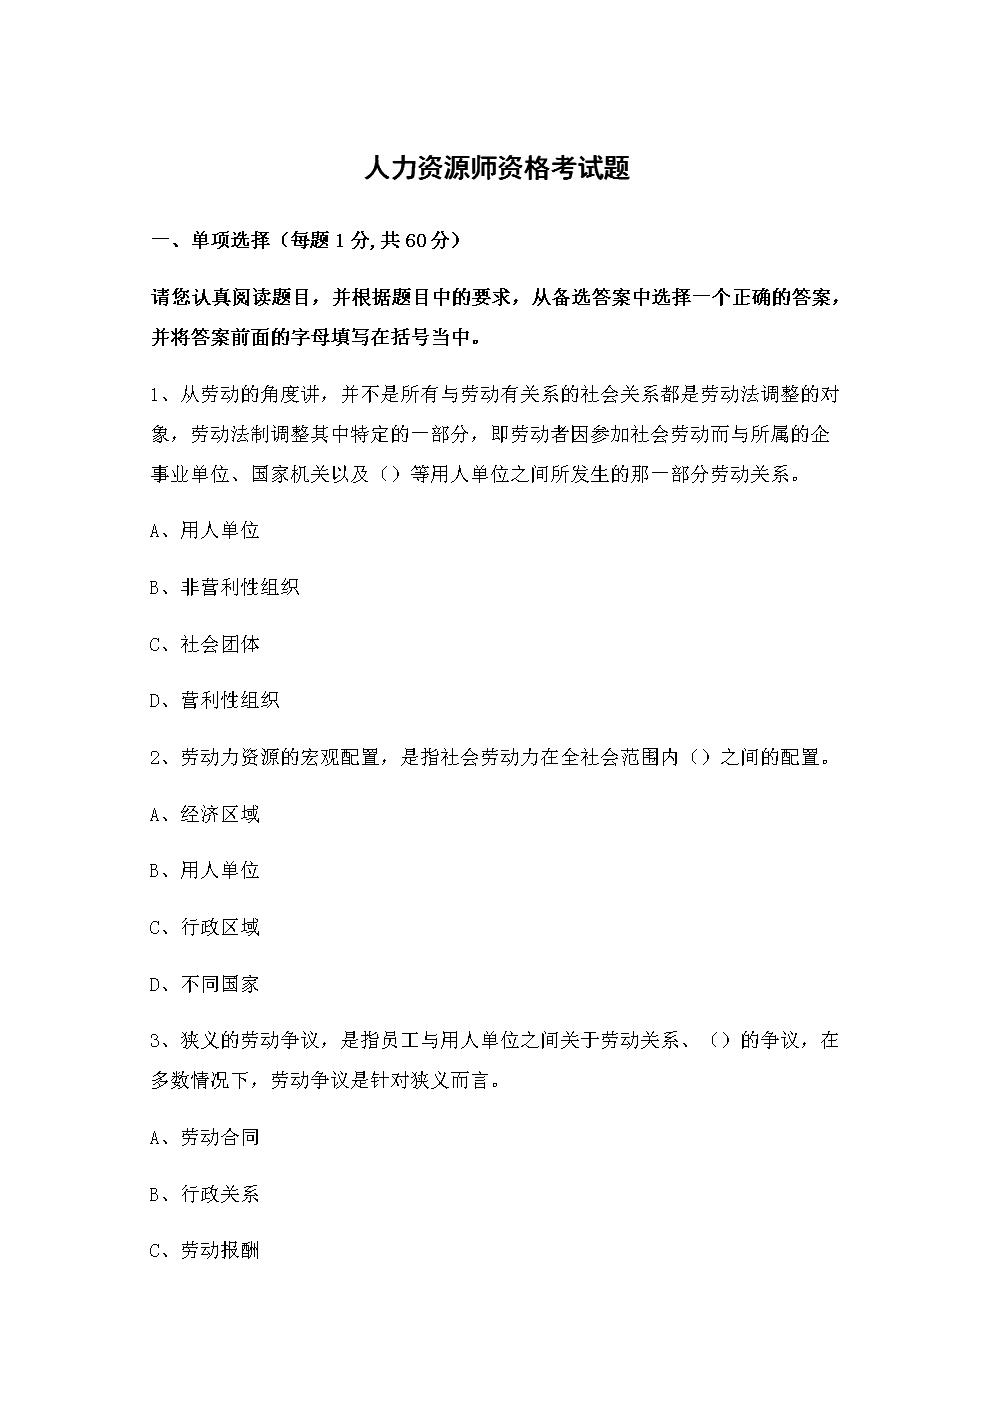 人力资源师资格考试精选题(无答案).docx